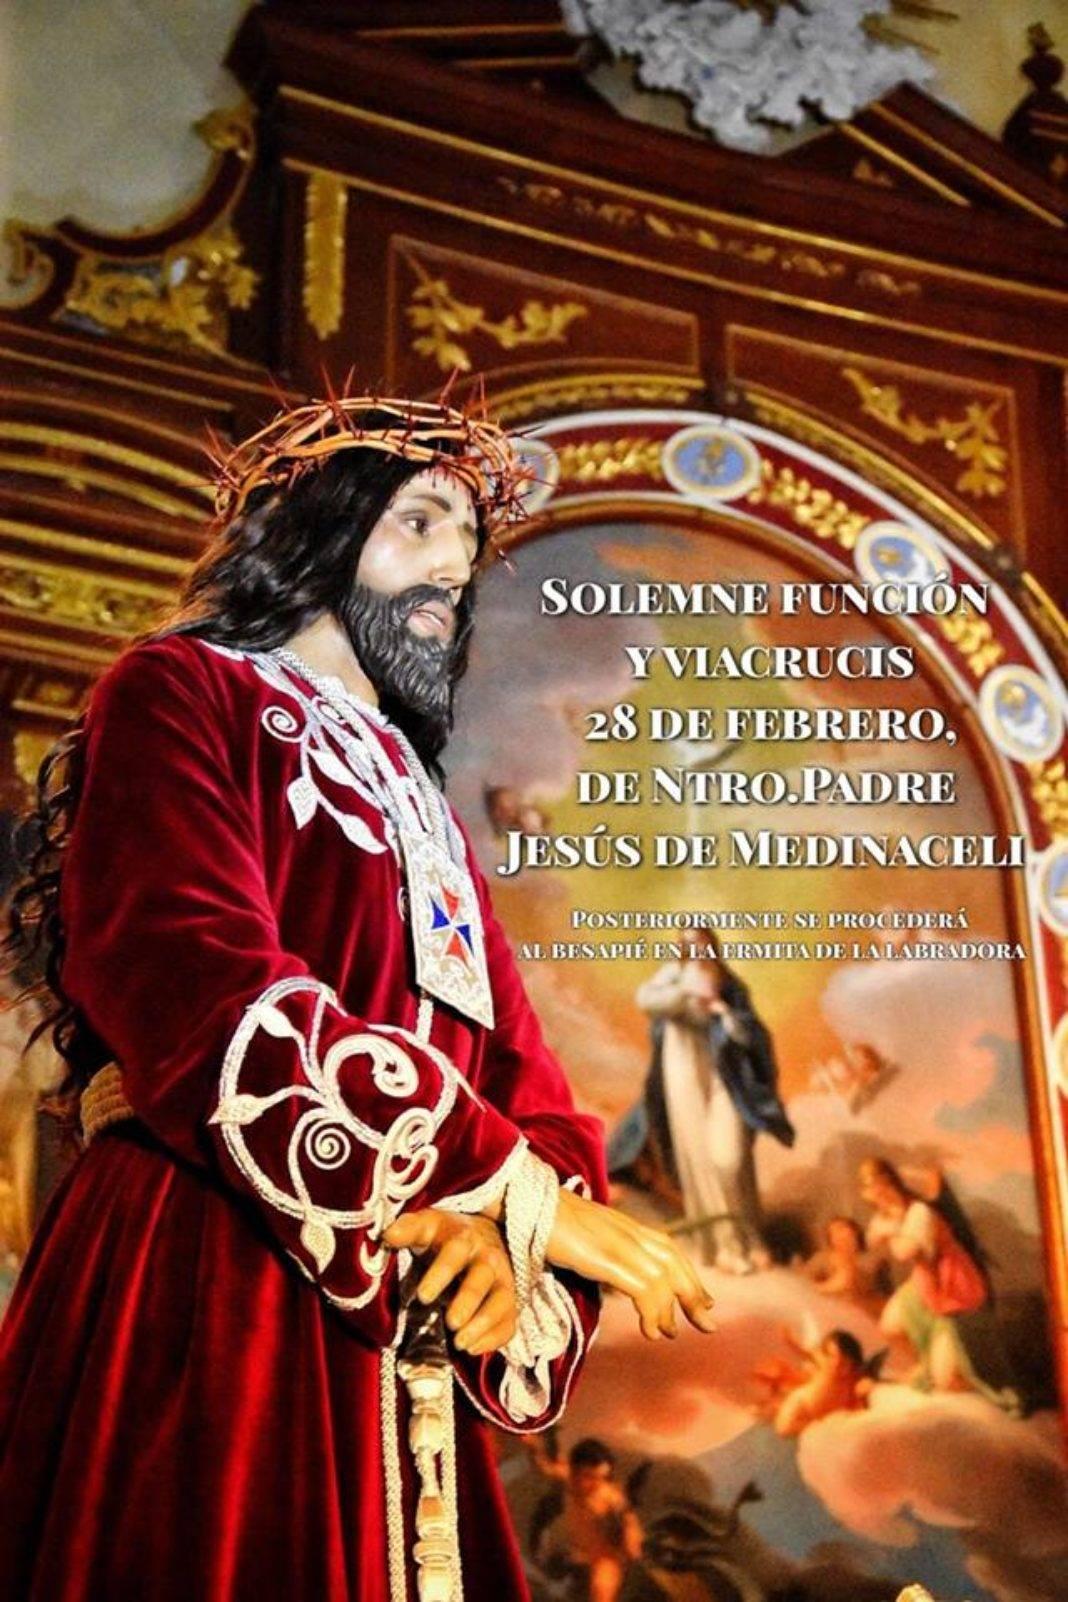 Via Crucis Jesús de Medinaceli de Herencia 1068x1602 - Herencia celebra el vía crucis de Jesús de Medinaceli el jueves 28 de febrero